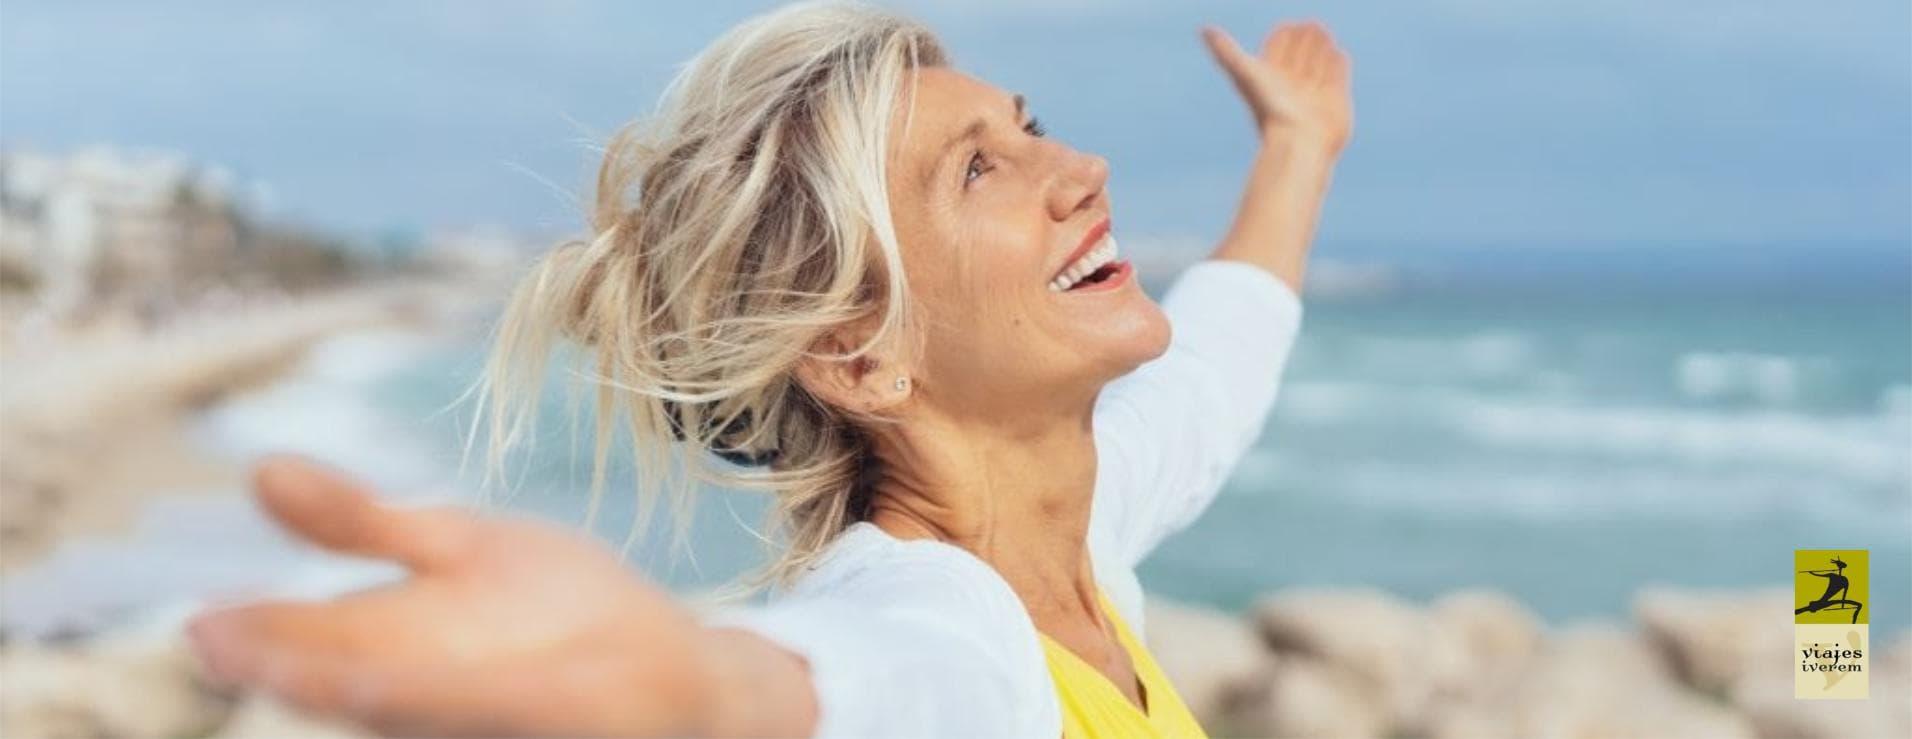 Mujer feliz junto al mar